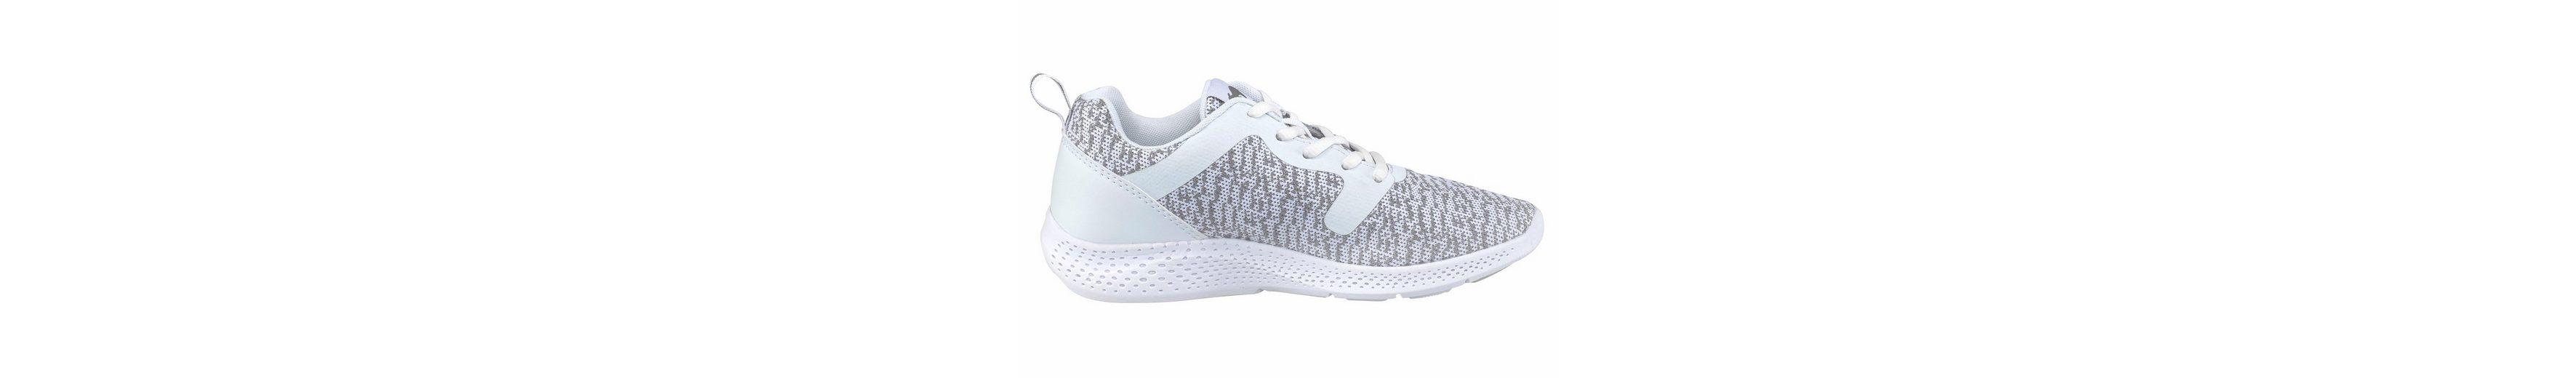 Rabatt 100% Original KangaROOS K-V II Sneaker Rabatt Angebot tHSQQN5ZJU